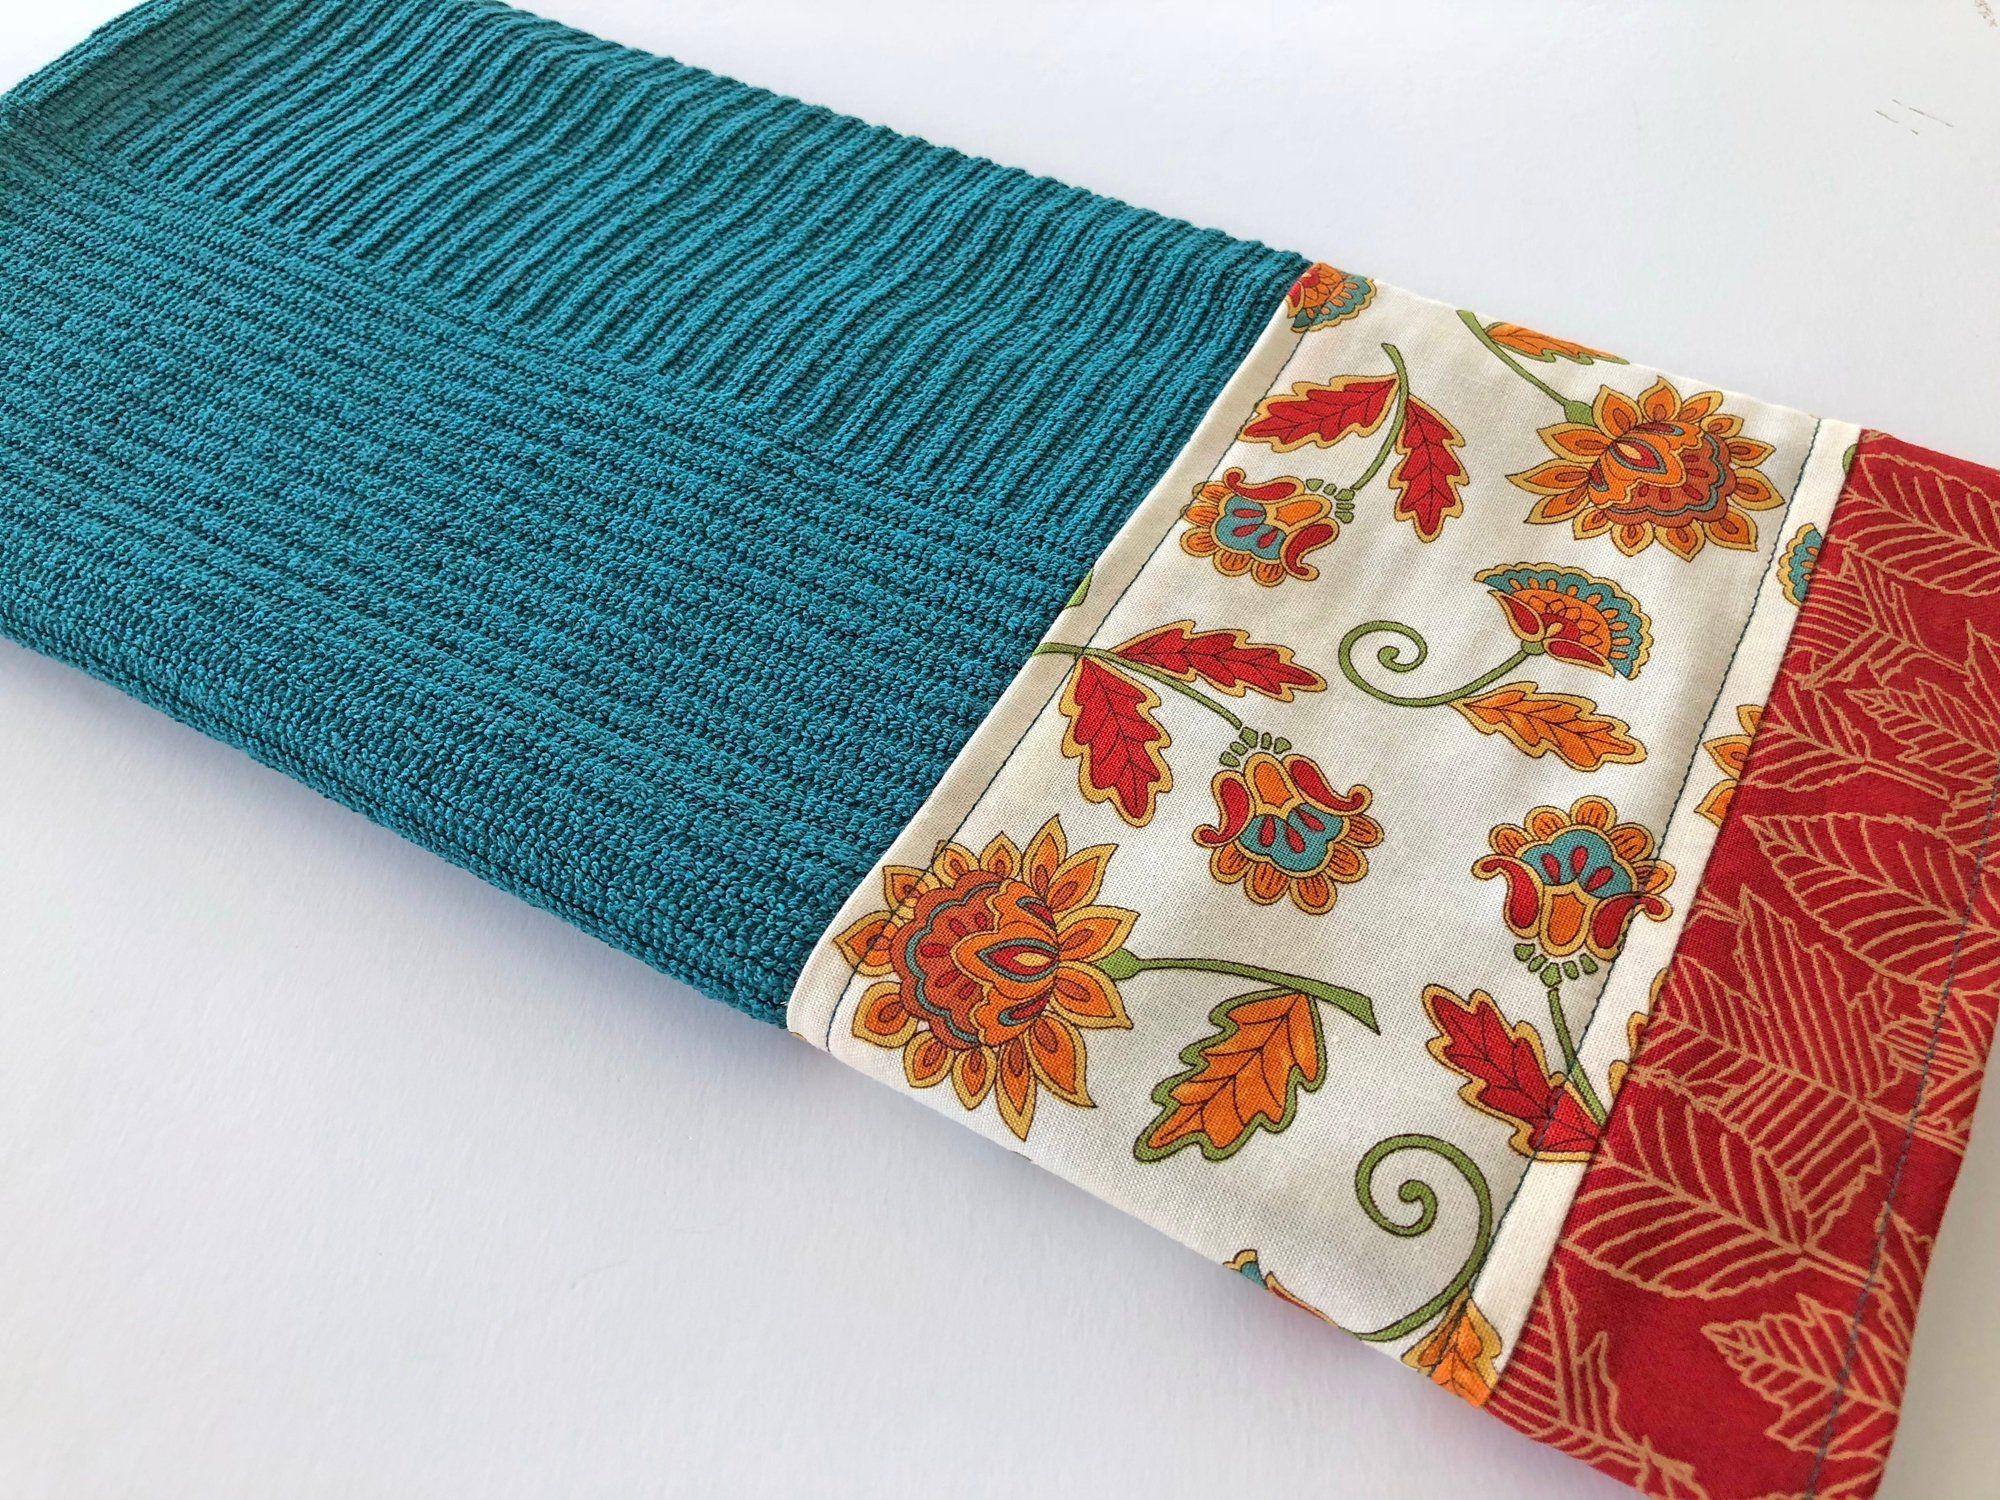 Autumn Fall Kitchen Dish Towel Teal Kitchen Dish Towel Fabric